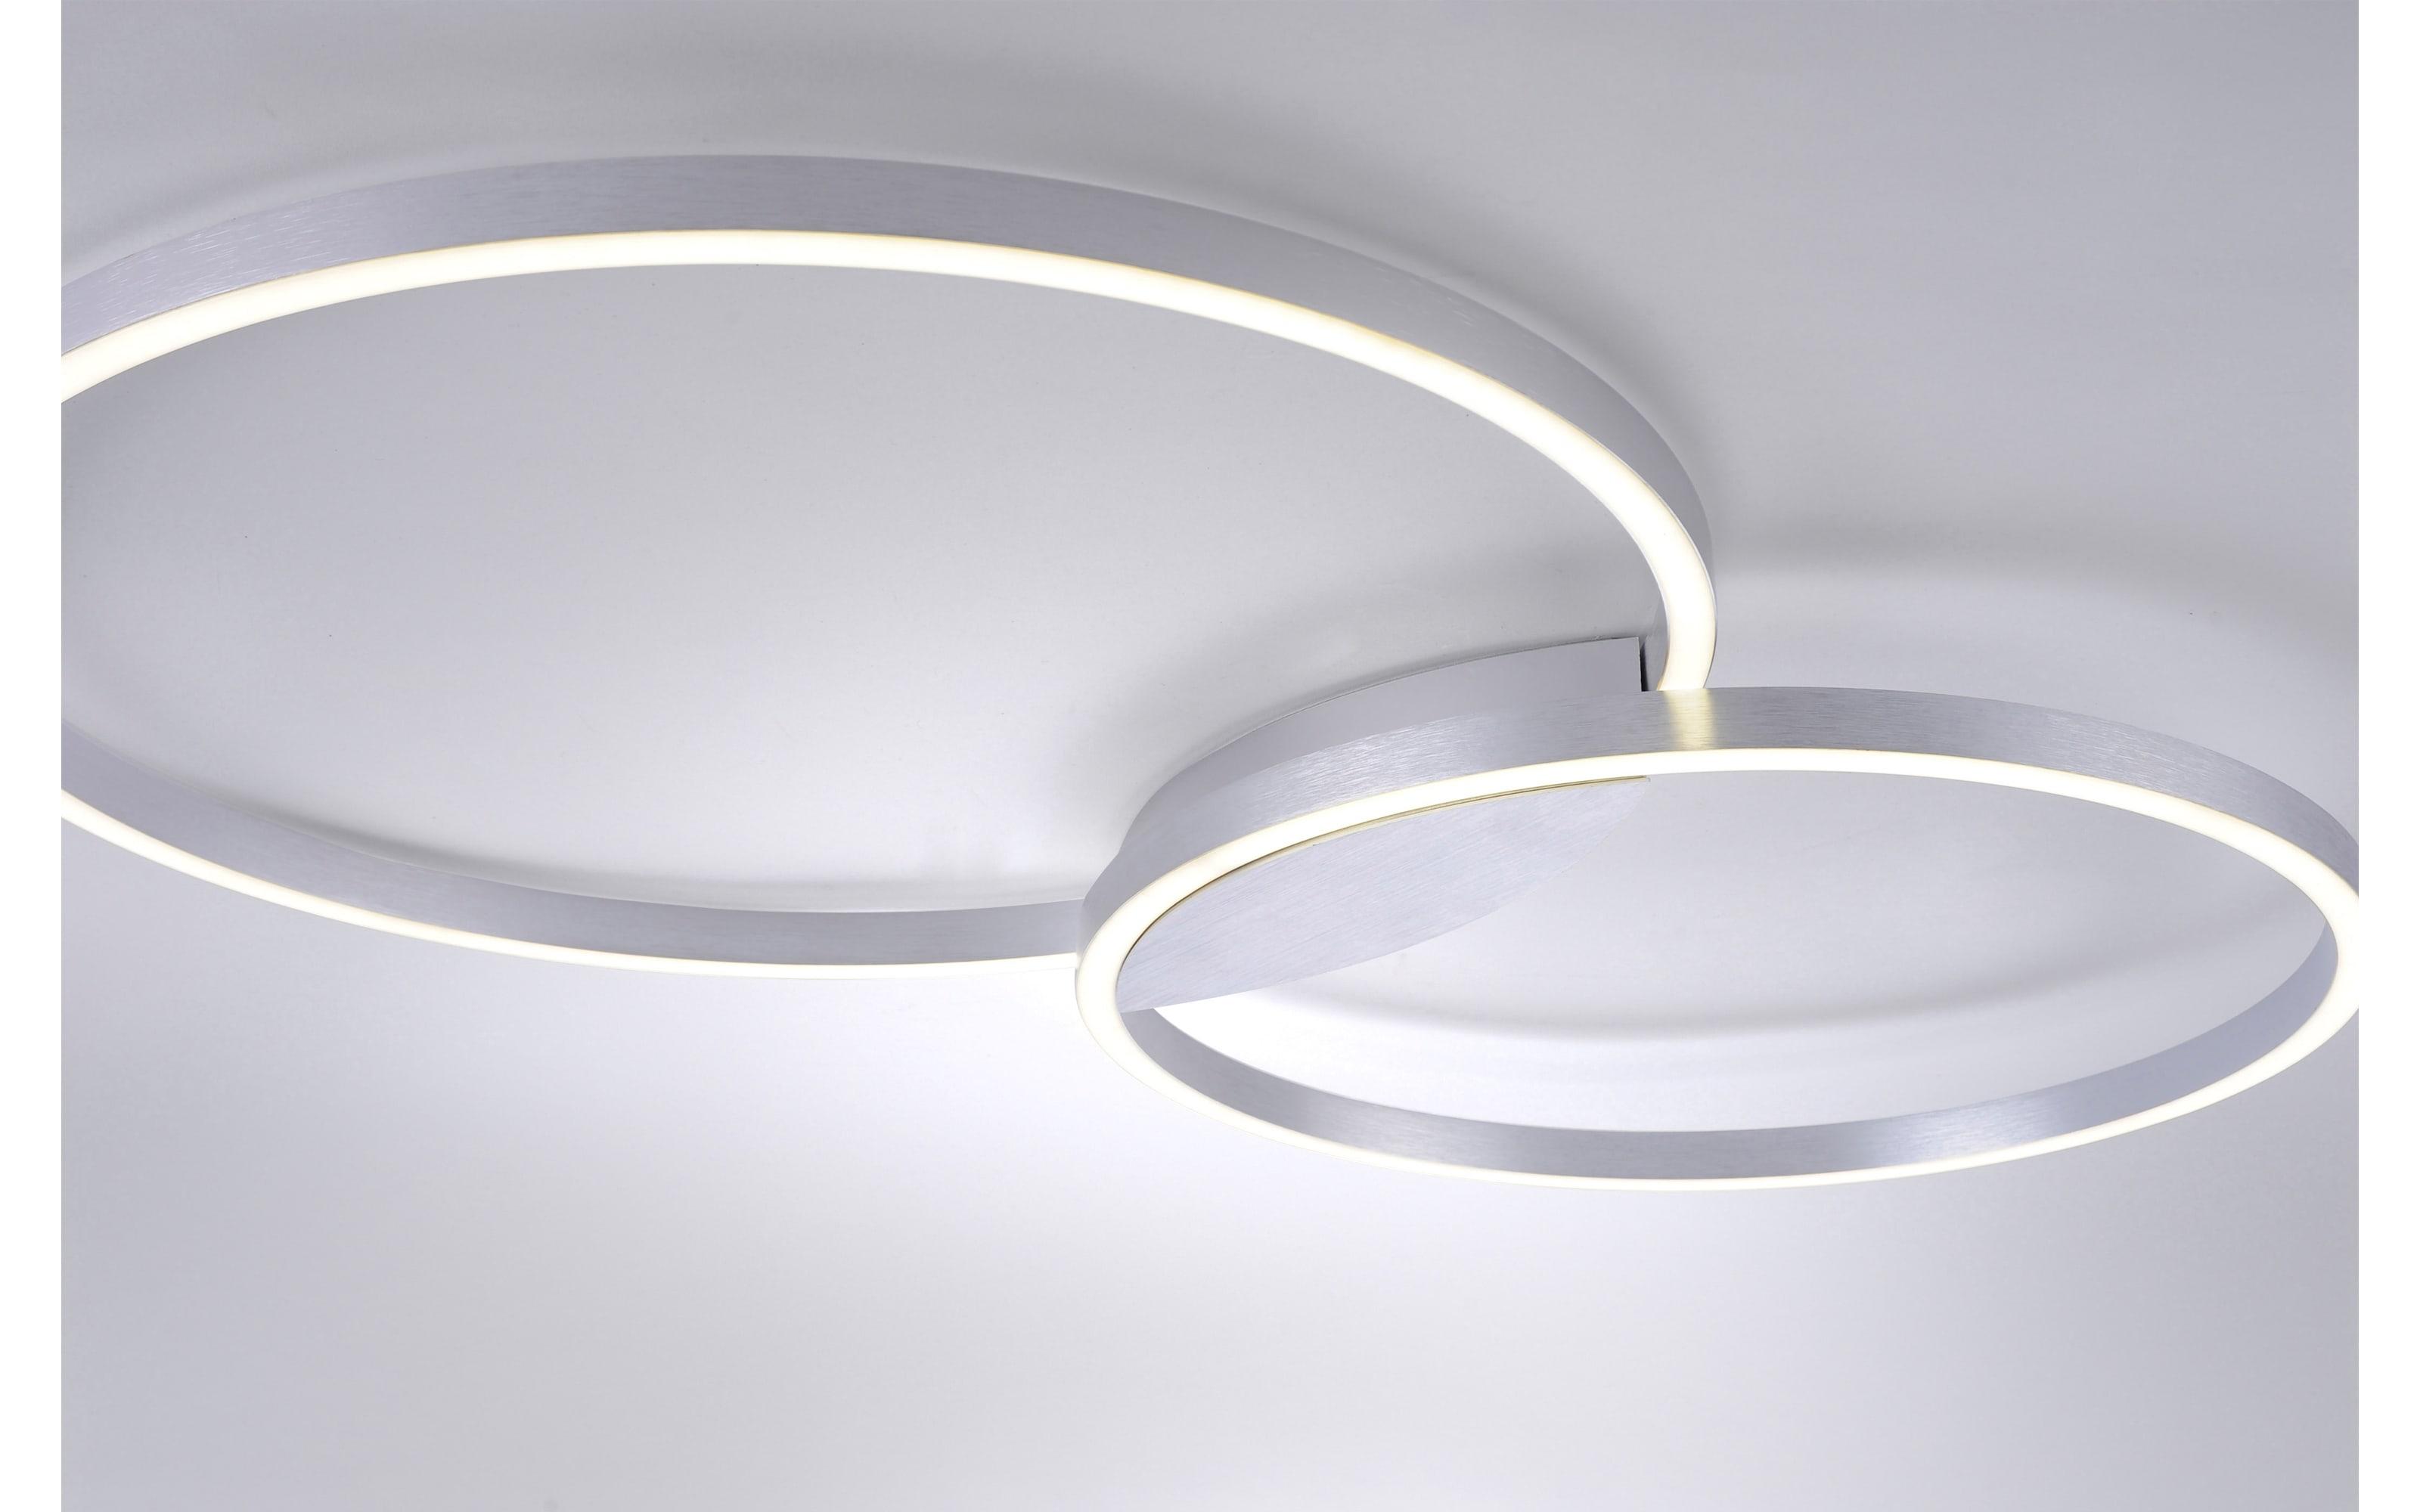 LED-Deckenleuchte Q-Kate in aluminiumfarbig, 96 cm